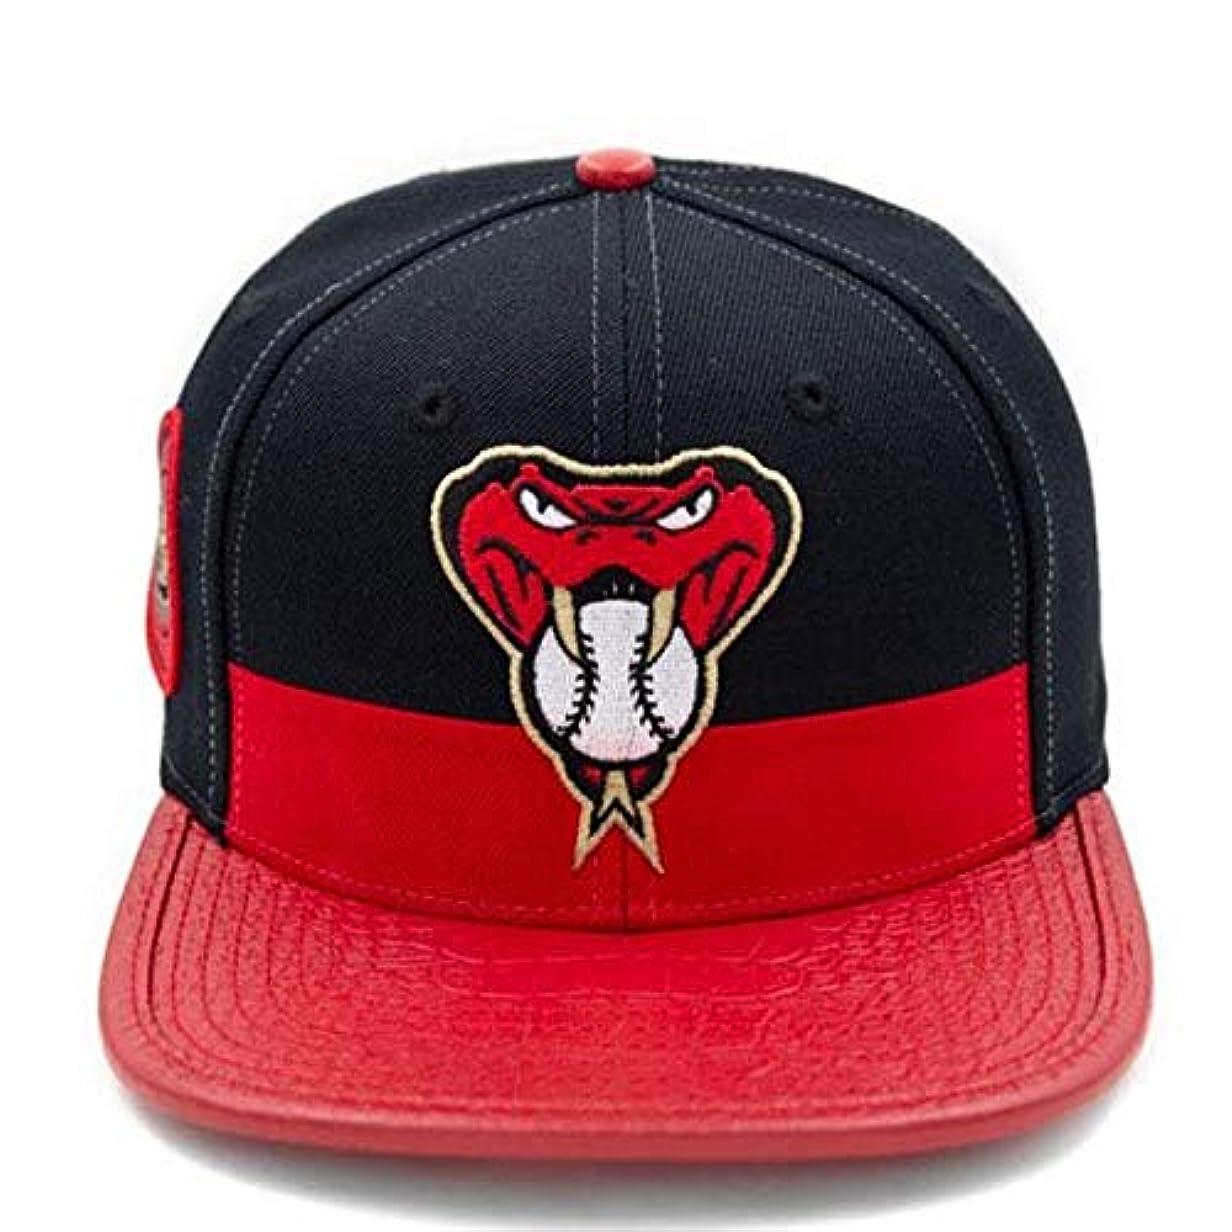 Pro Standard HAT メンズ US サイズ: One Size カラー: マルチカラー